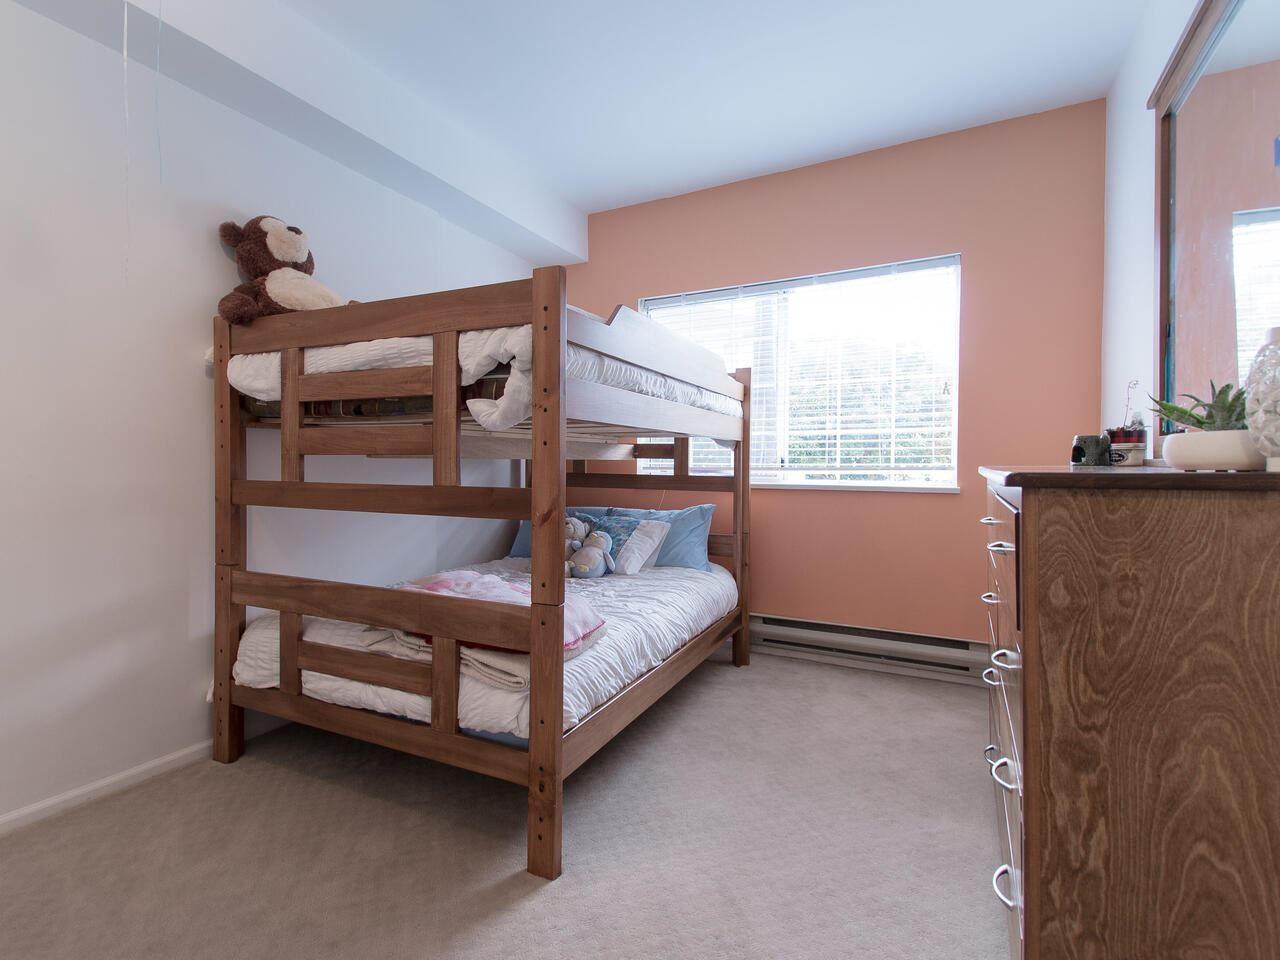 Photo 10: Photos: 108 13918 72 Avenue in Surrey: East Newton Condo for sale : MLS®# R2538723